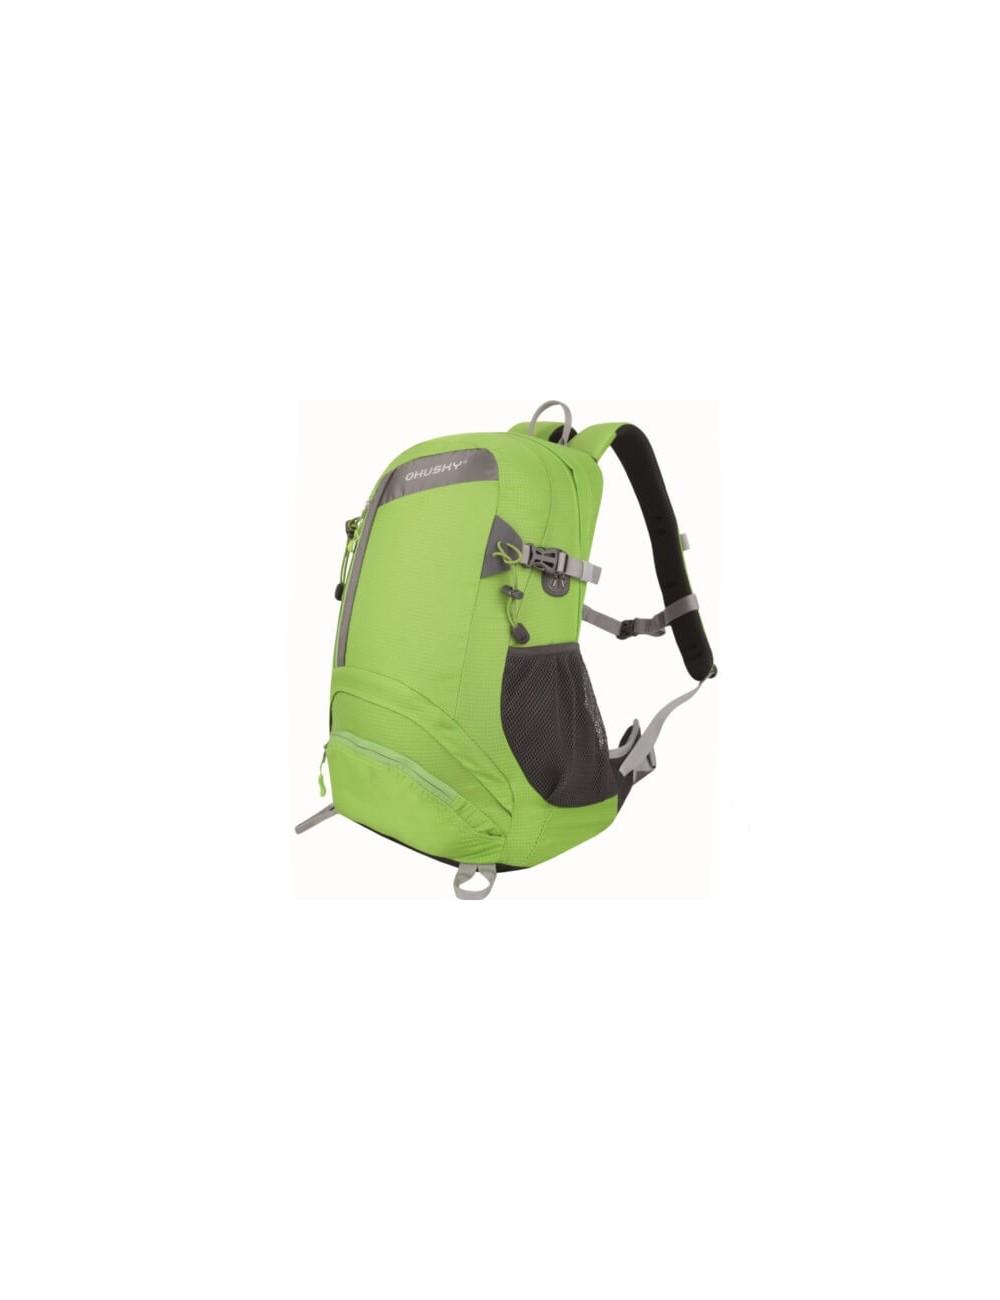 Husky zaino Avaro Zaino da Trekking 28 litri - Verde